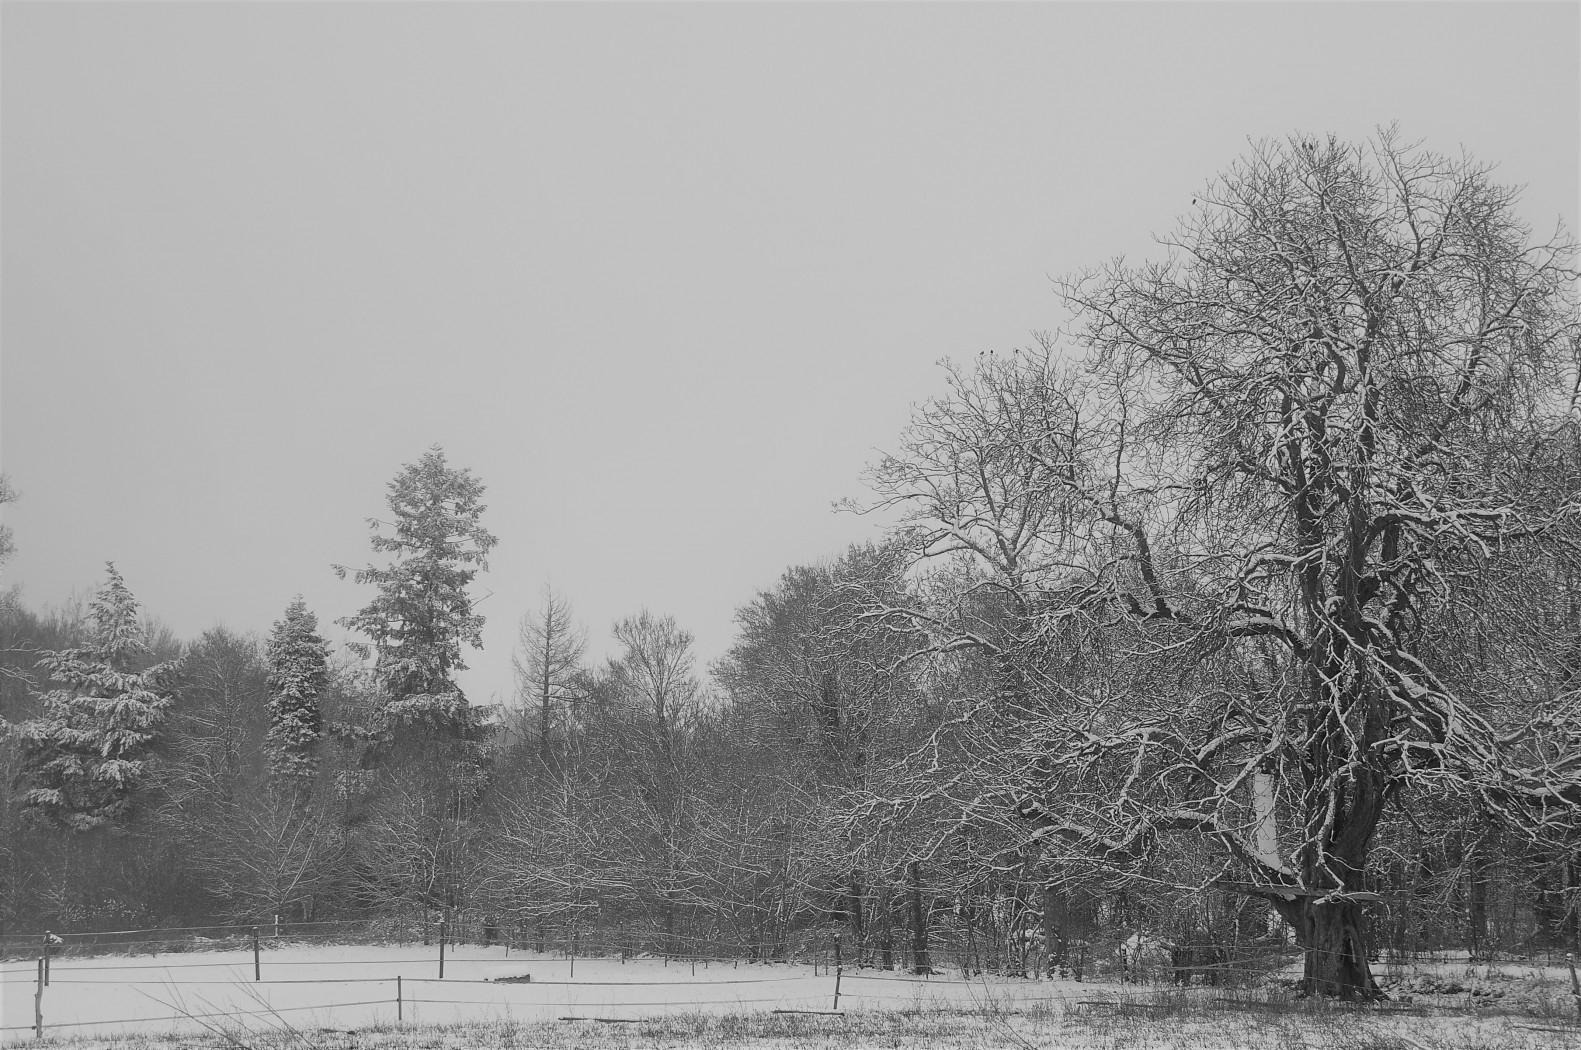 2019-01-22_campus_sous_la_neige_8